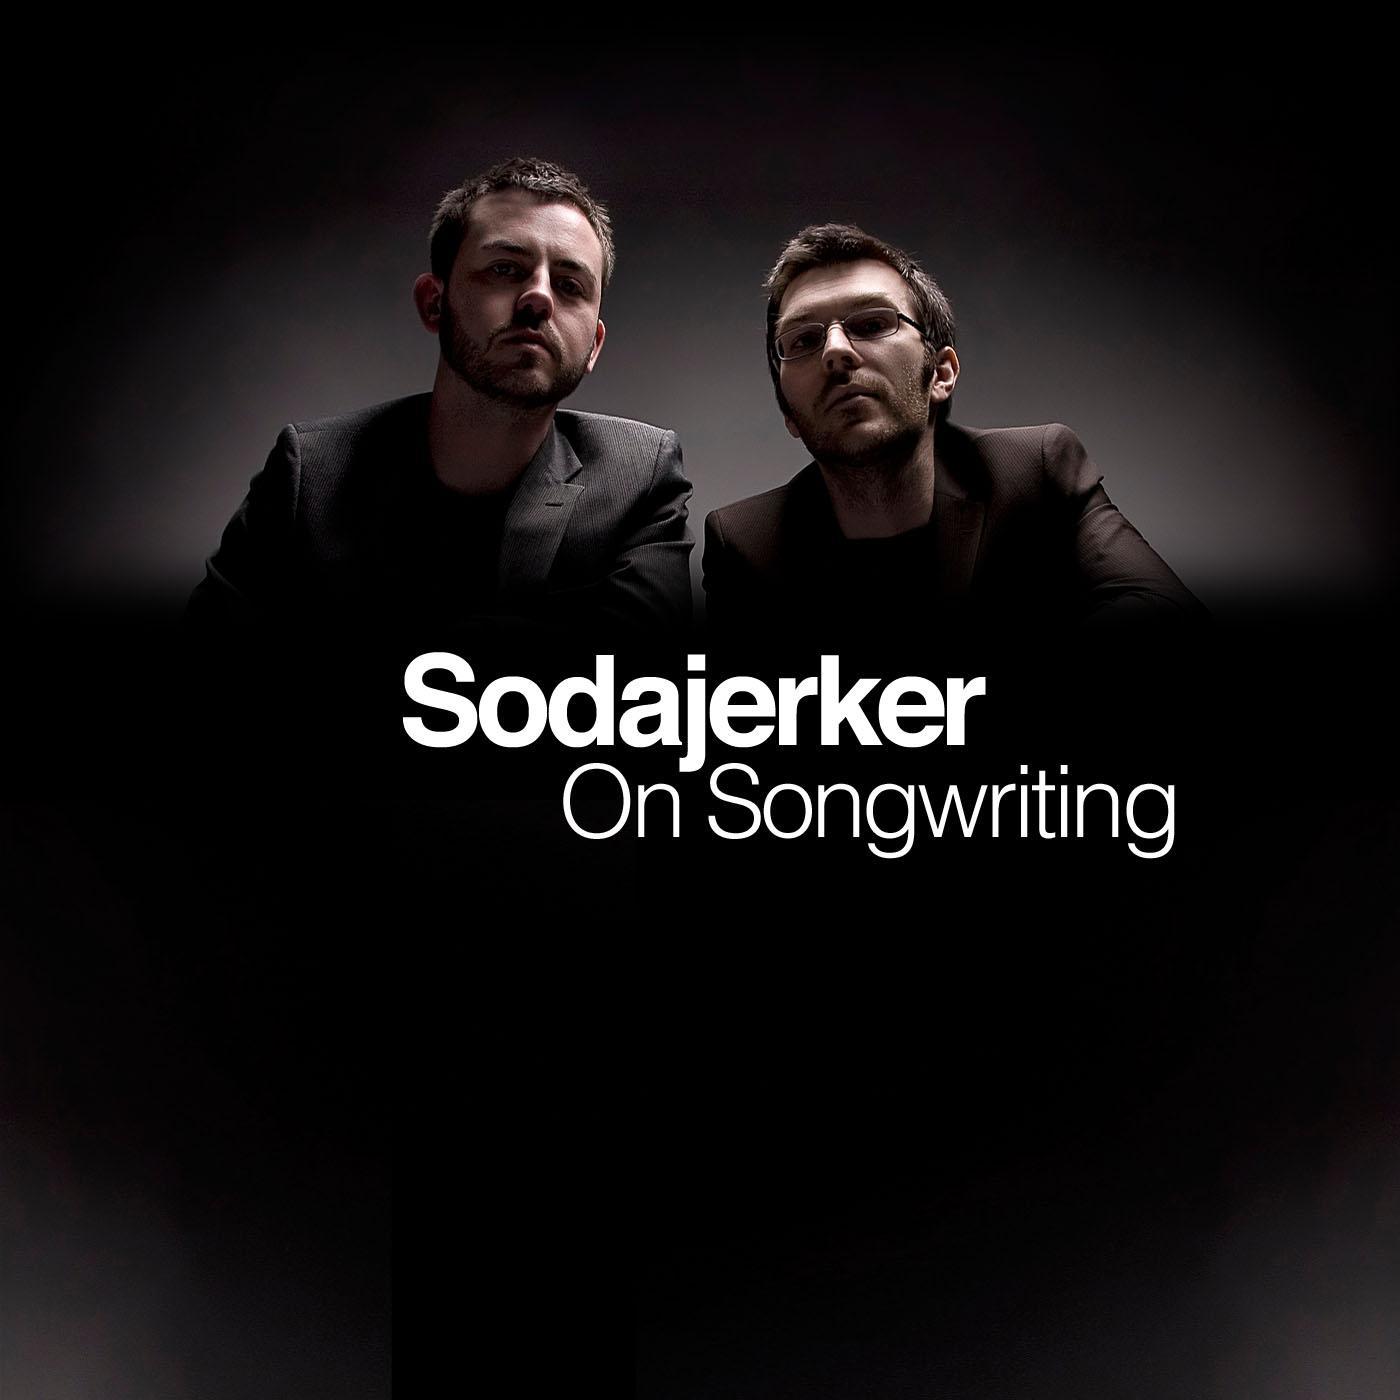 Sodajerker On Songwriting (podcast) - Sodajerker | Listen Notes